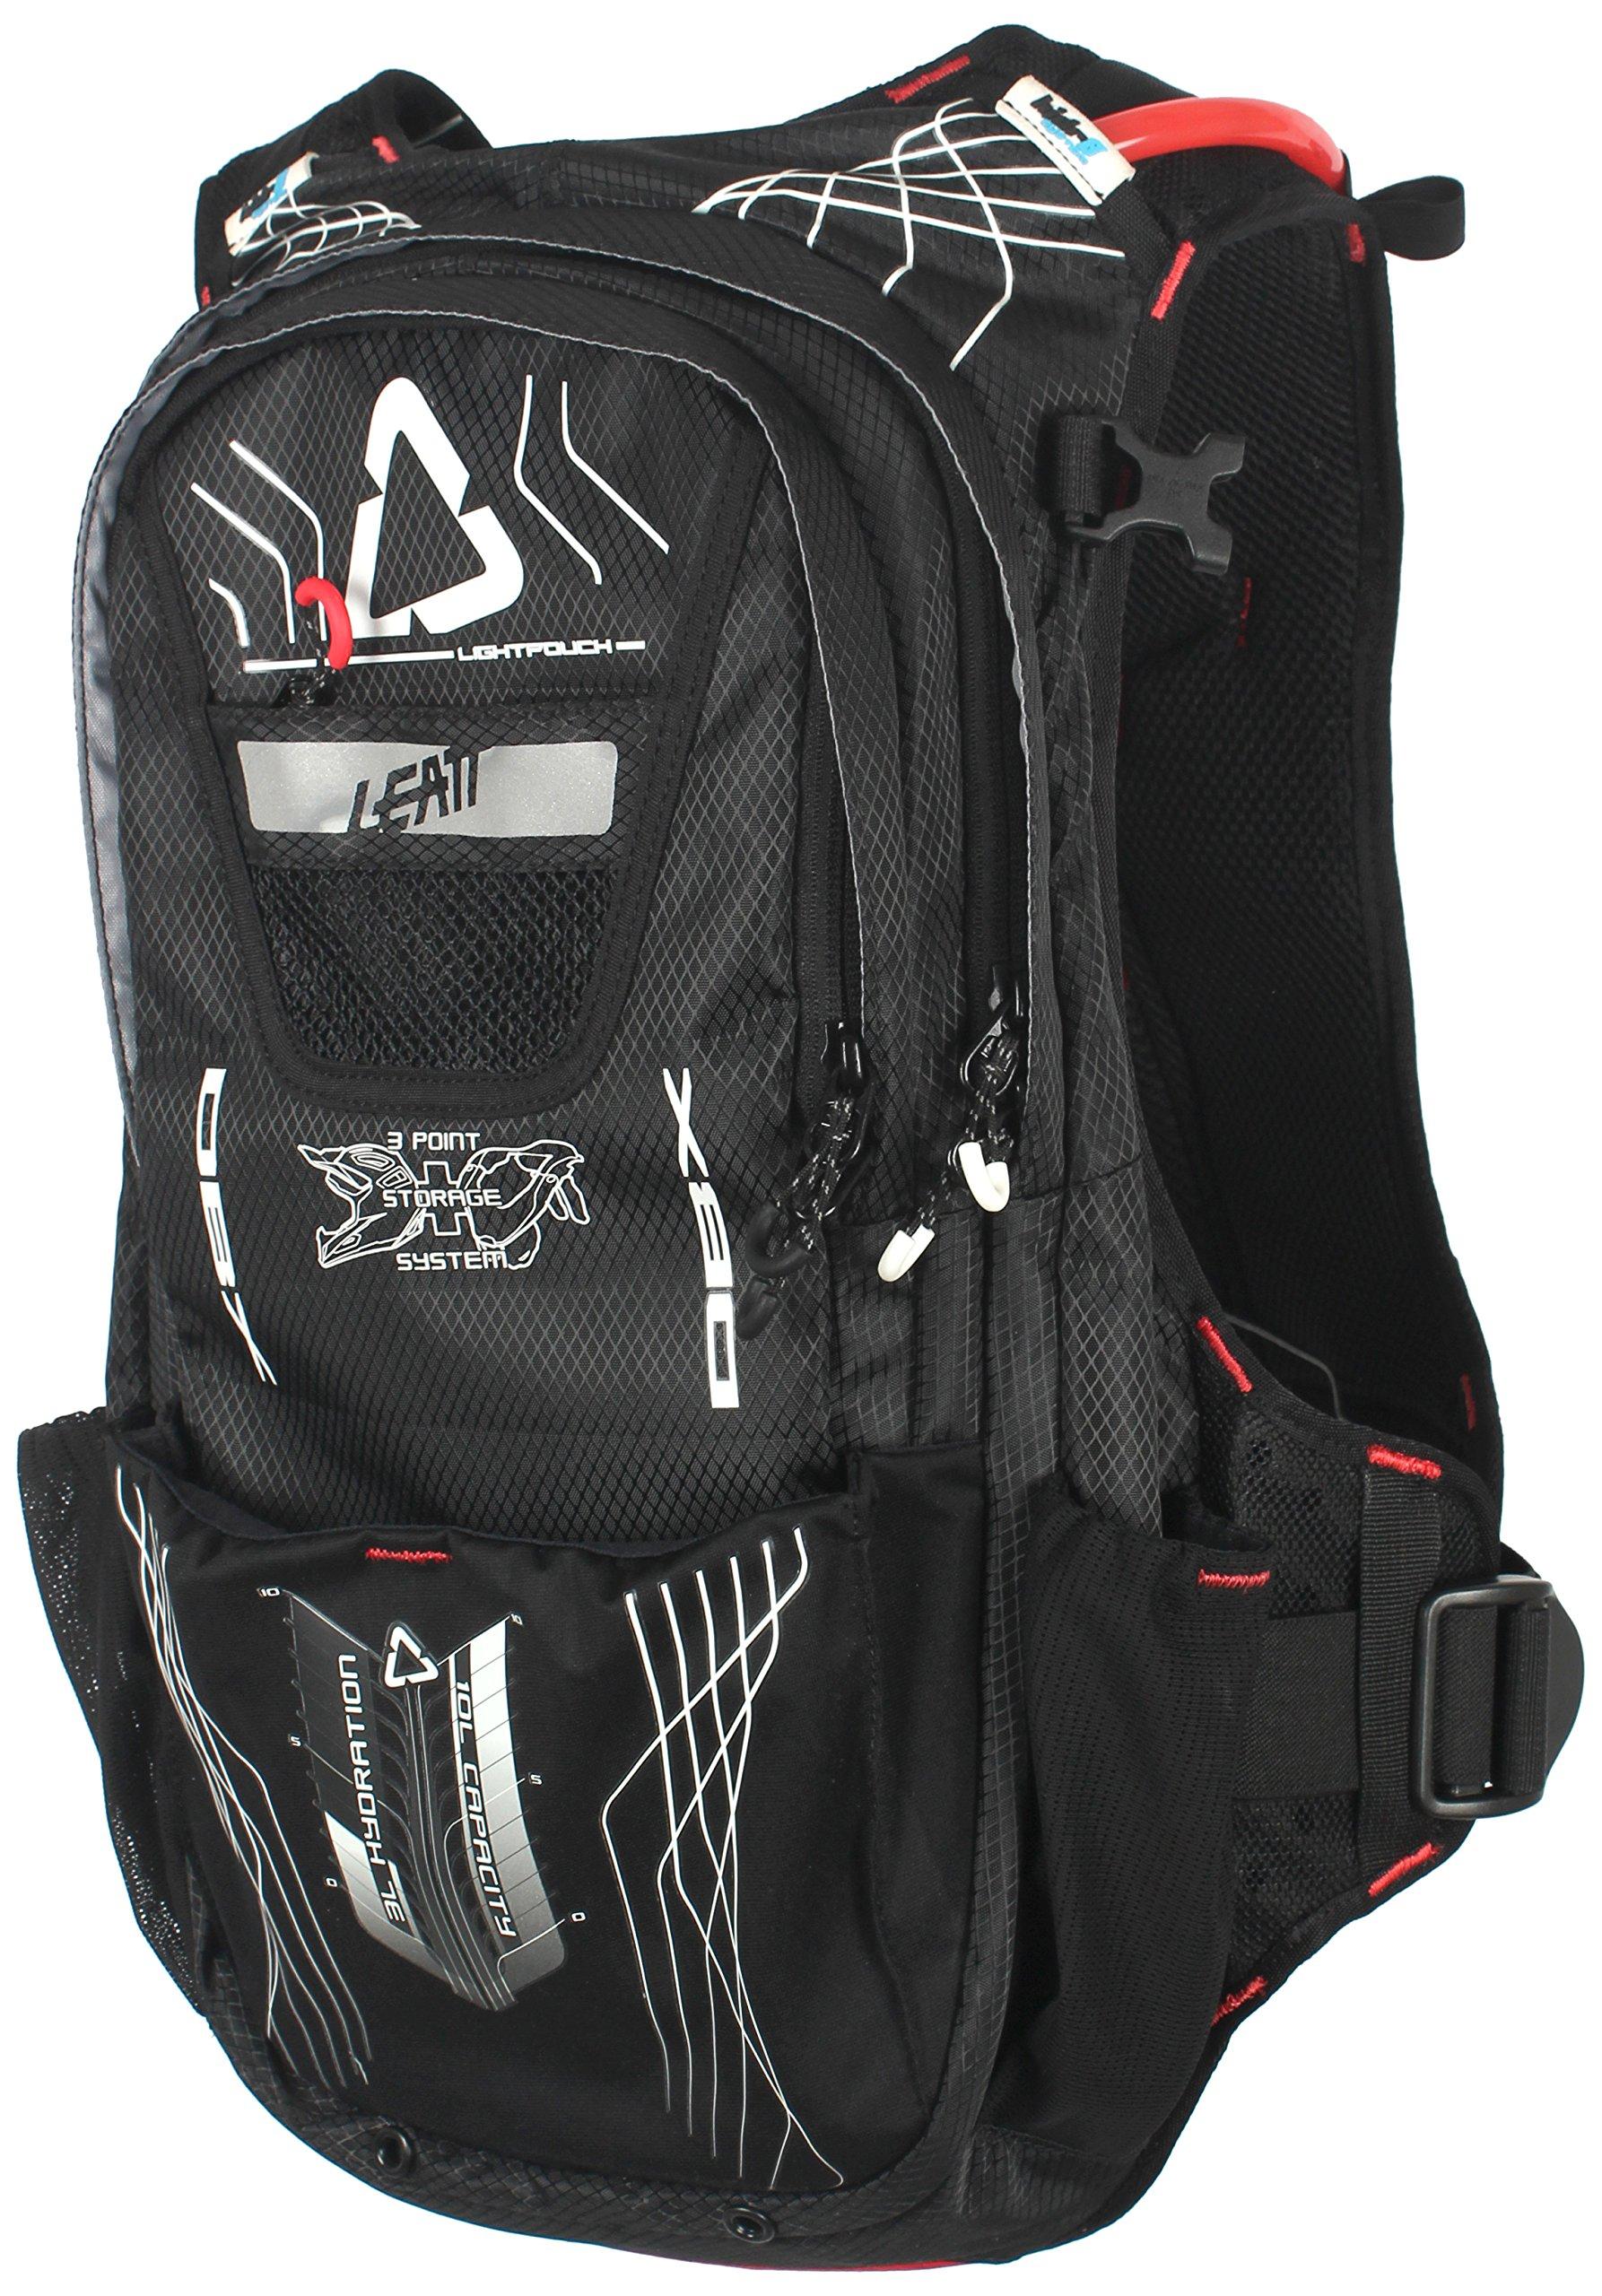 Leatt 7015100131 Black/White/Red Cargo 3.0 DBX Hydration Pack by Leatt Brace